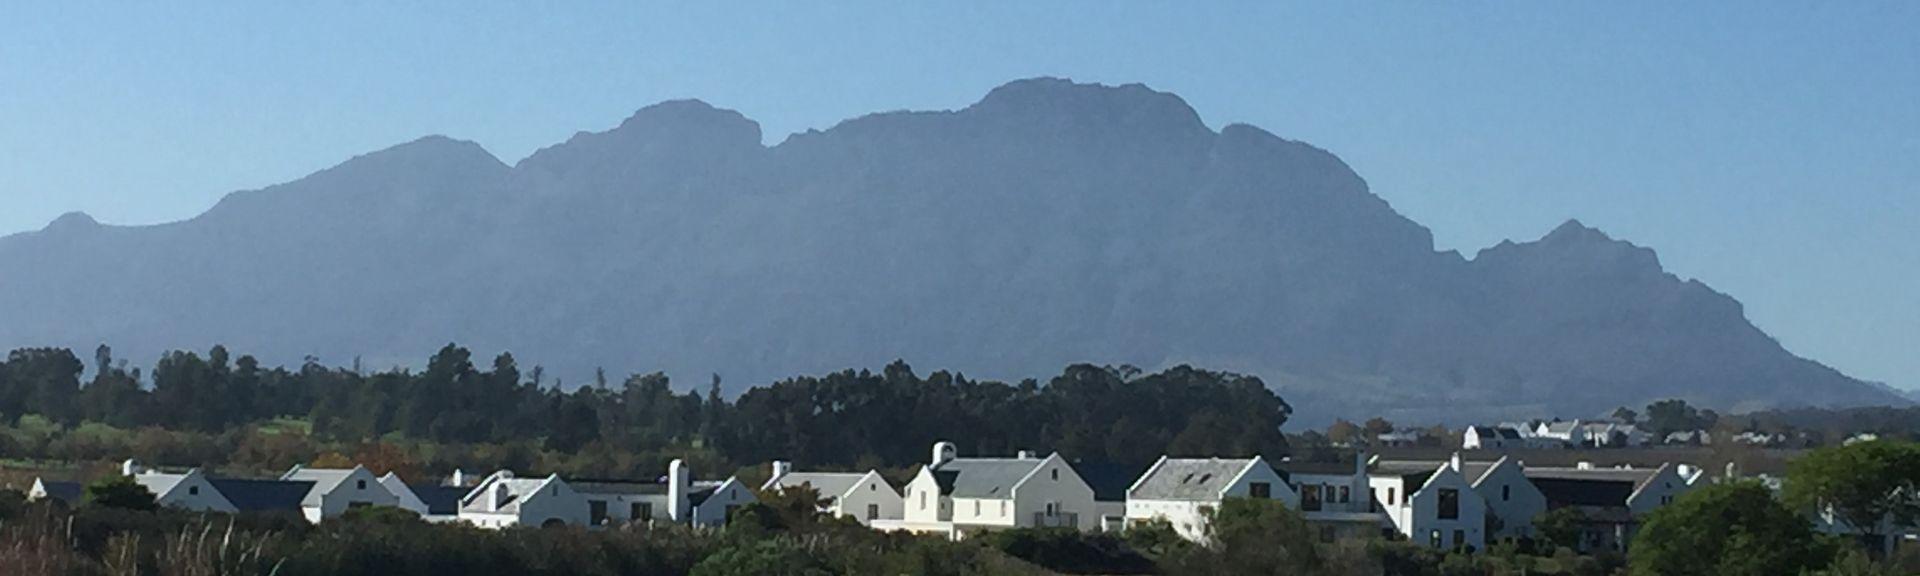 Franschhoek, Westkaap (provincie), Zuid-Afrika